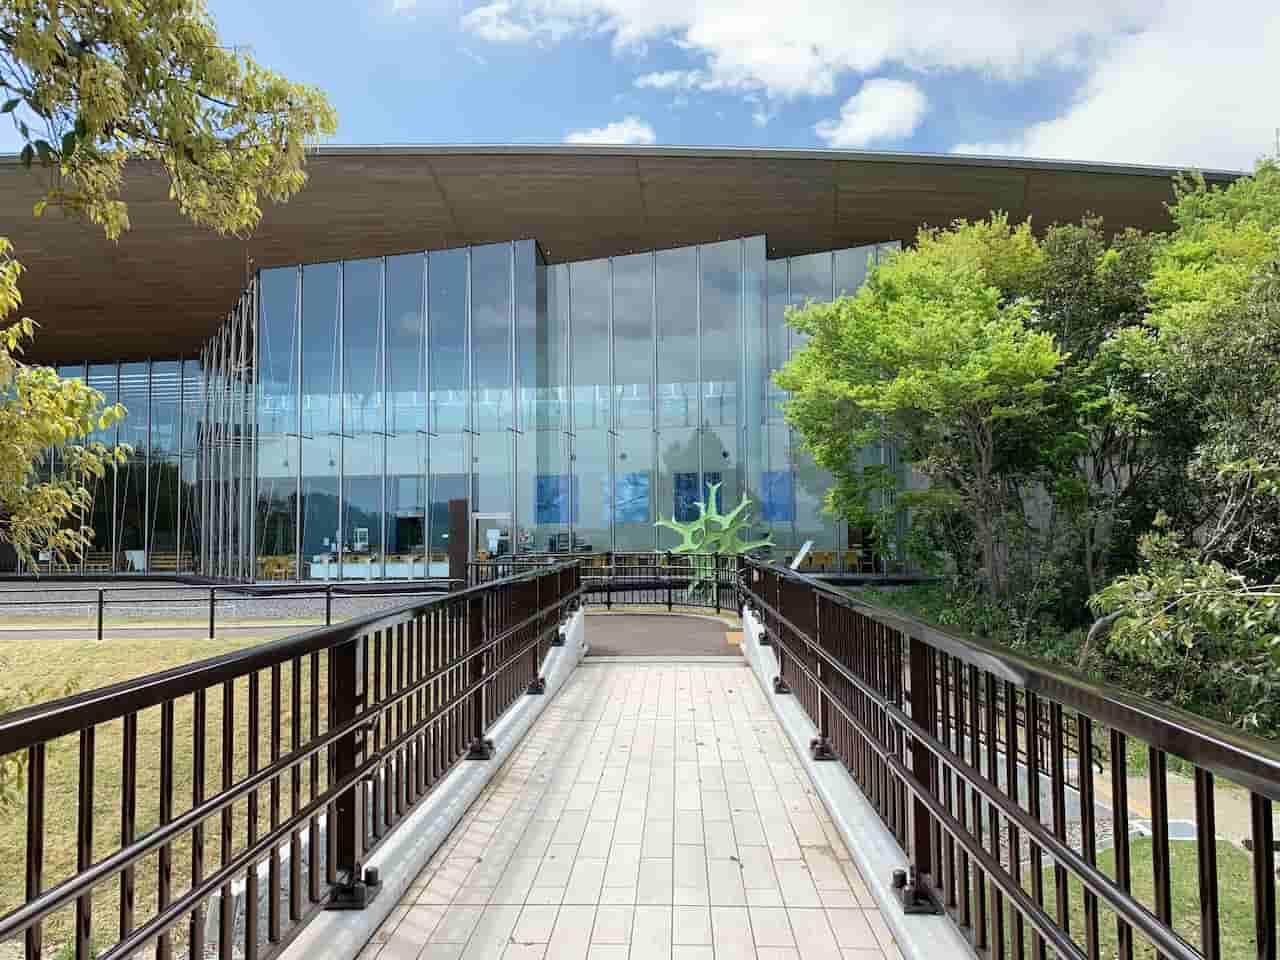 琵琶湖博物館の建物